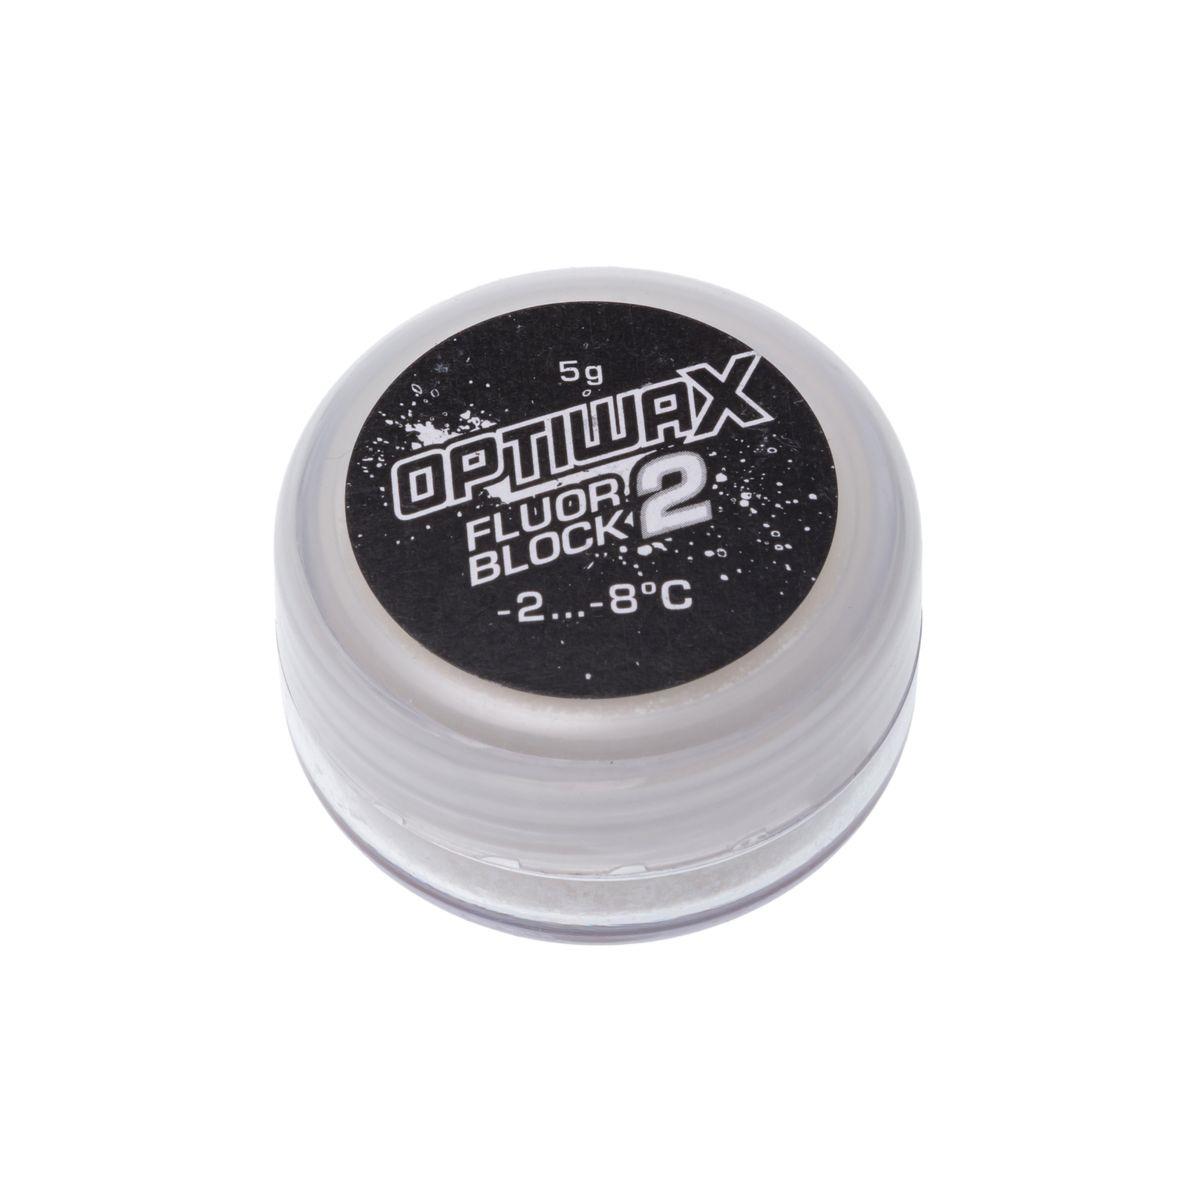 Фторовая спрессовка Optiwax Fluor Block 2, 40020051, 5 г